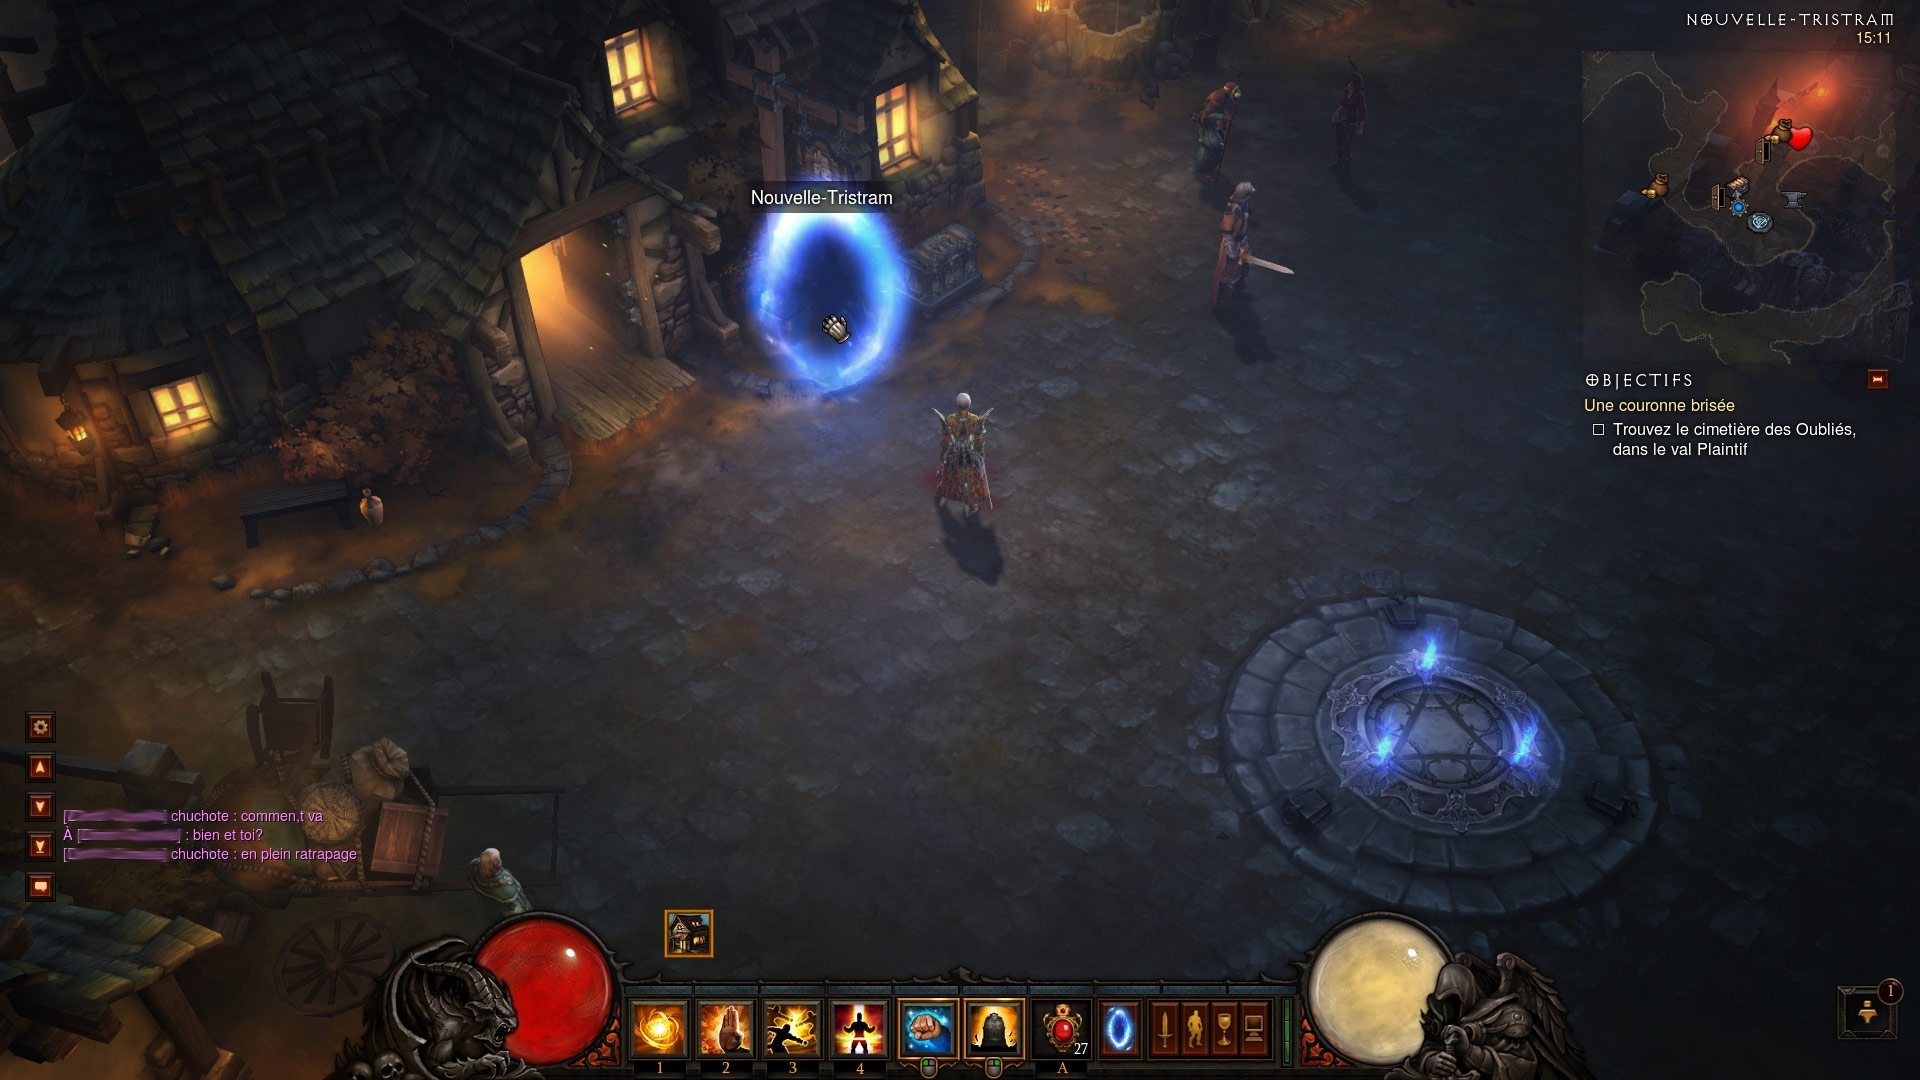 Un portail de Nouvelle-Tristram vers... Nouvelle-Tristram. Screenshot réalisé par LeCamembert.